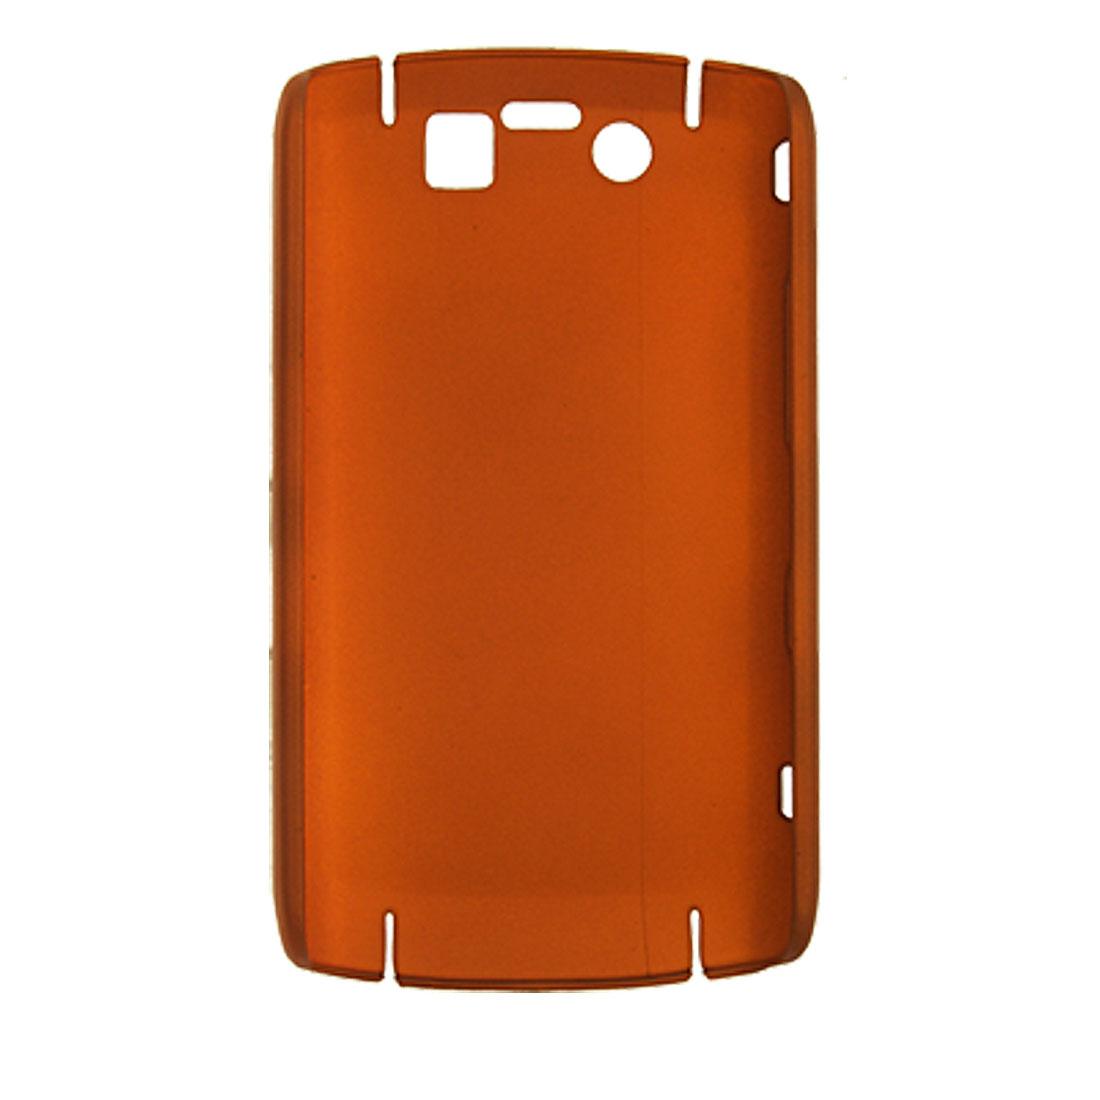 Orange Red Rubberized Hard Plastic Back Case for Blackberry 9520